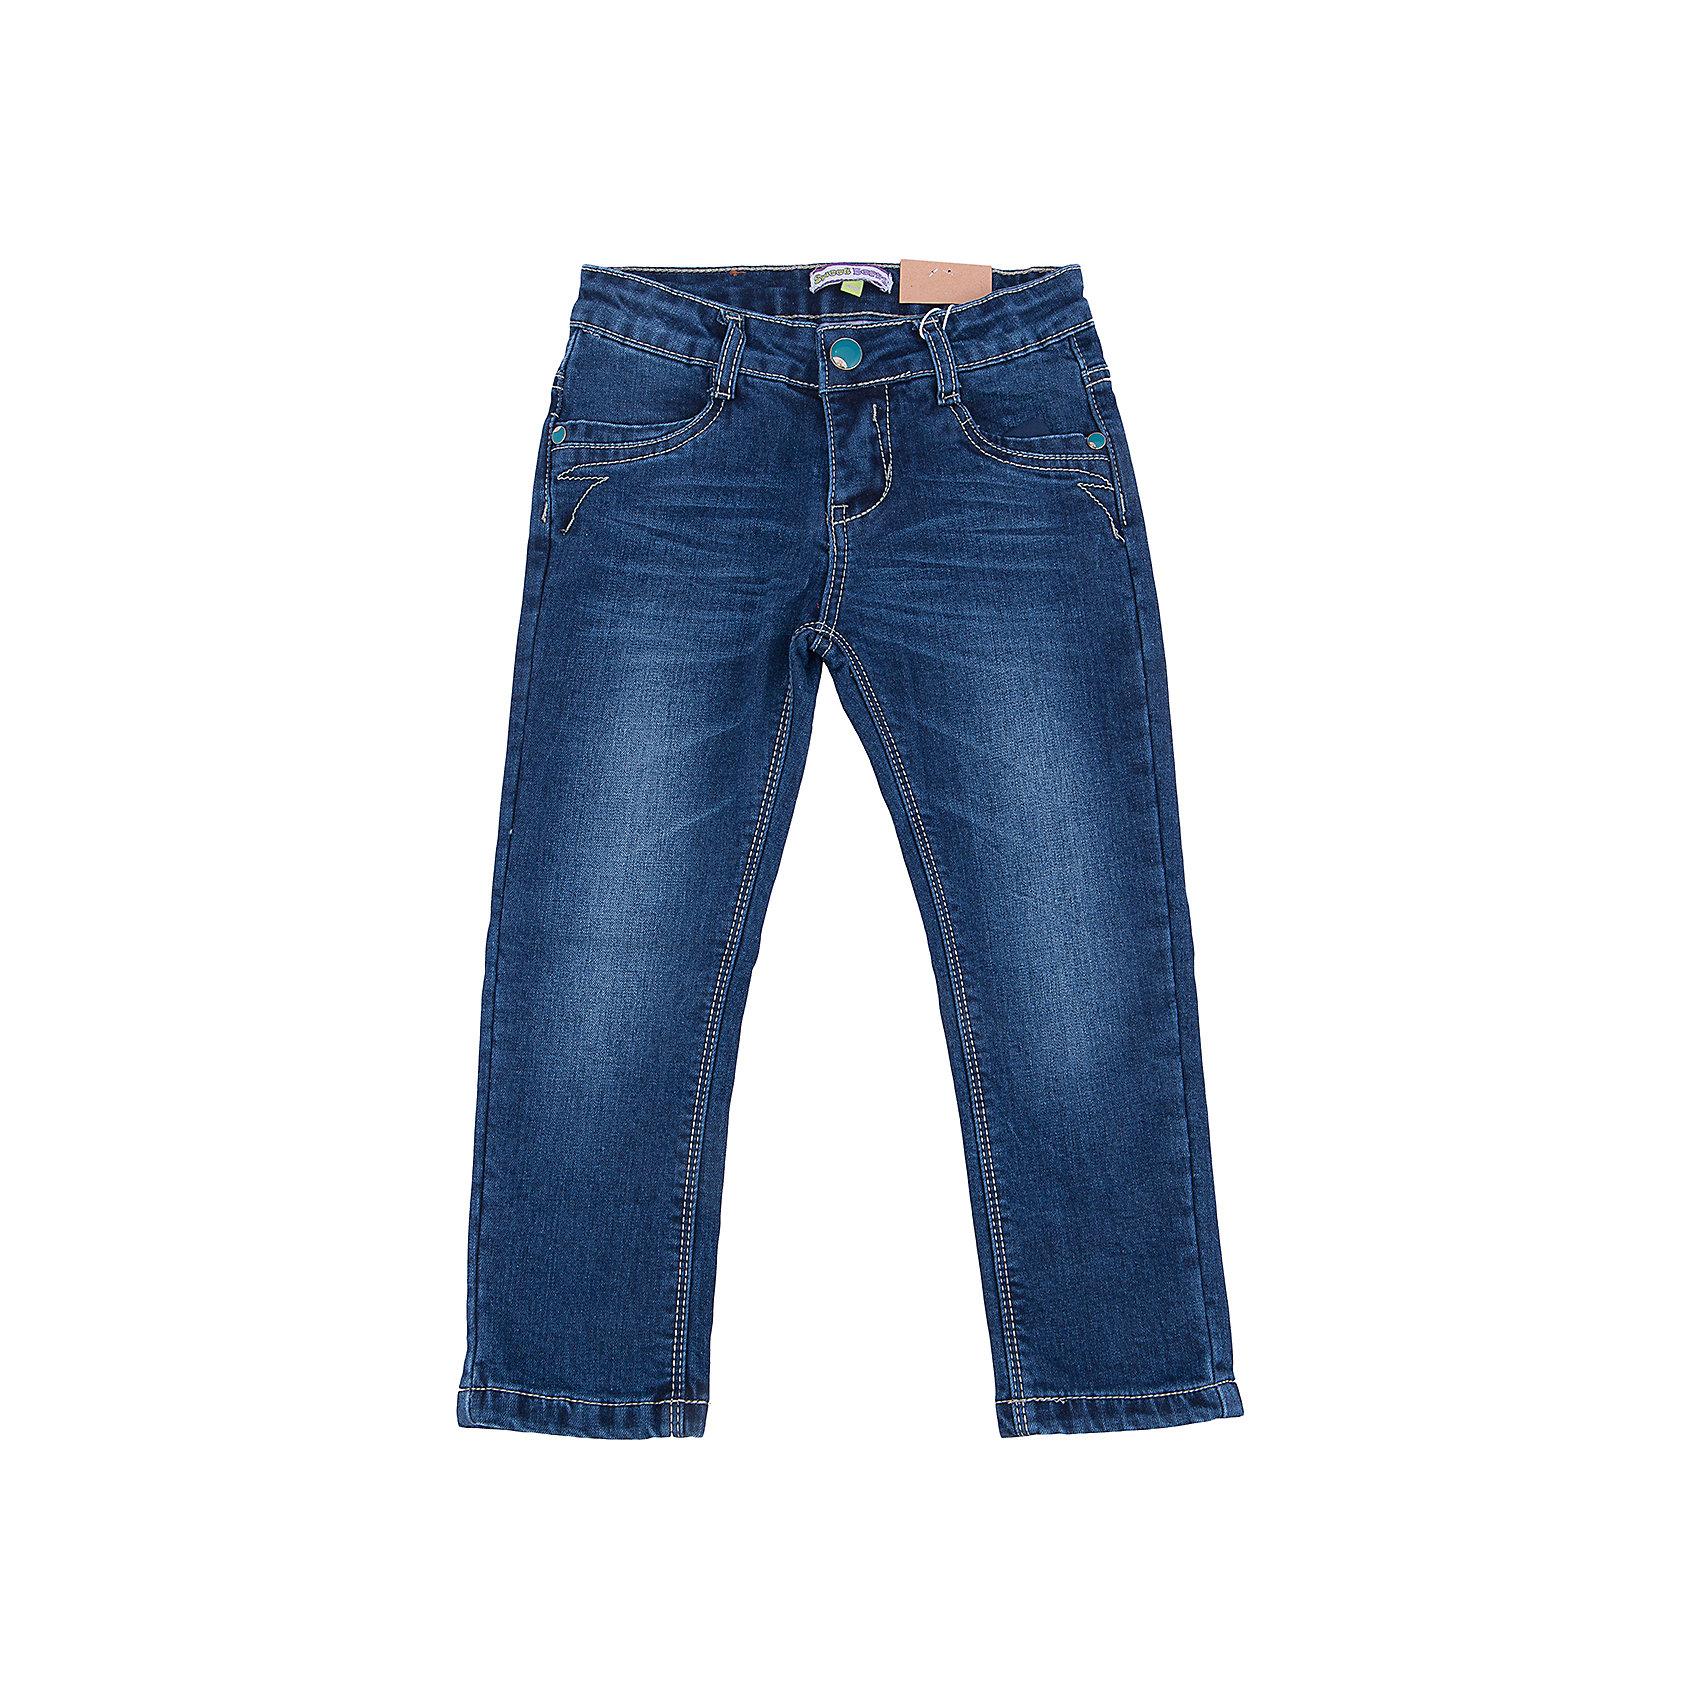 Джинсы для девочки Sweet BerryДжинсовая одежда<br>Такая модель джинсов для девочки отличается модным дизайном с контрастной прострочкой и потертостями. Удачный крой обеспечит ребенку комфорт и тепло. Мягкая подкладка делает вещь идеальной для повседневного ношения. Она плотно прилегает к телу там, где нужно, и отлично сидит по фигуре. Джинсы имеют удобный пояс с регулировкой внутри. Натуральный хлопок обеспечит коже возможность дышать и не вызовет аллергии.<br>Одежда от бренда Sweet Berry - это простой и выгодный способ одеть ребенка удобно и стильно. Всё изделия тщательно проработаны: швы - прочные, материал - качественный, фурнитура - подобранная специально для детей. <br><br>Дополнительная информация:<br><br>цвет: синий;<br>имитация потертостей;<br>материал: верх - 98% хлопок, 2% эластан, подкладка - 100% хлопок;<br>пояс с регулировкой внутри.<br><br>Джинсы для девочки от бренда Sweet Berry можно купить в нашем интернет-магазине.<br><br>Ширина мм: 215<br>Глубина мм: 88<br>Высота мм: 191<br>Вес г: 336<br>Цвет: синий<br>Возраст от месяцев: 24<br>Возраст до месяцев: 36<br>Пол: Женский<br>Возраст: Детский<br>Размер: 104,110,116,122,128,98<br>SKU: 4931567